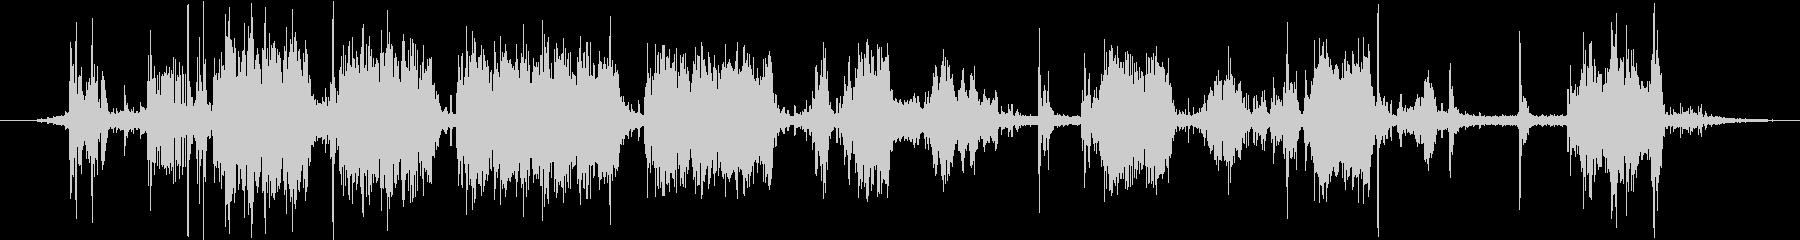 特撮 コンピューターサウンド22の未再生の波形